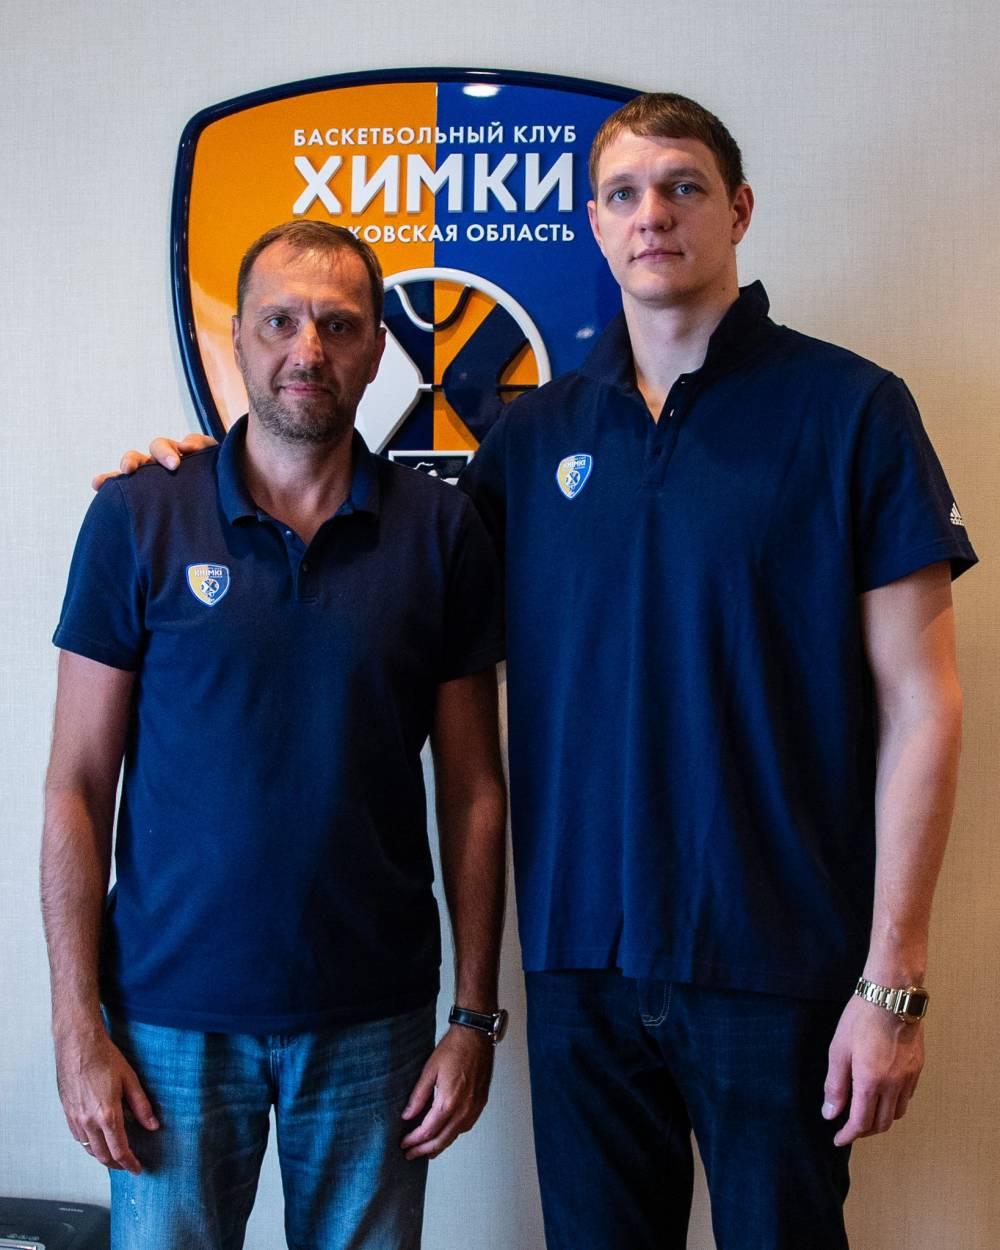 官方:前NBA中锋莫兹戈夫加盟俄罗斯球队希姆基